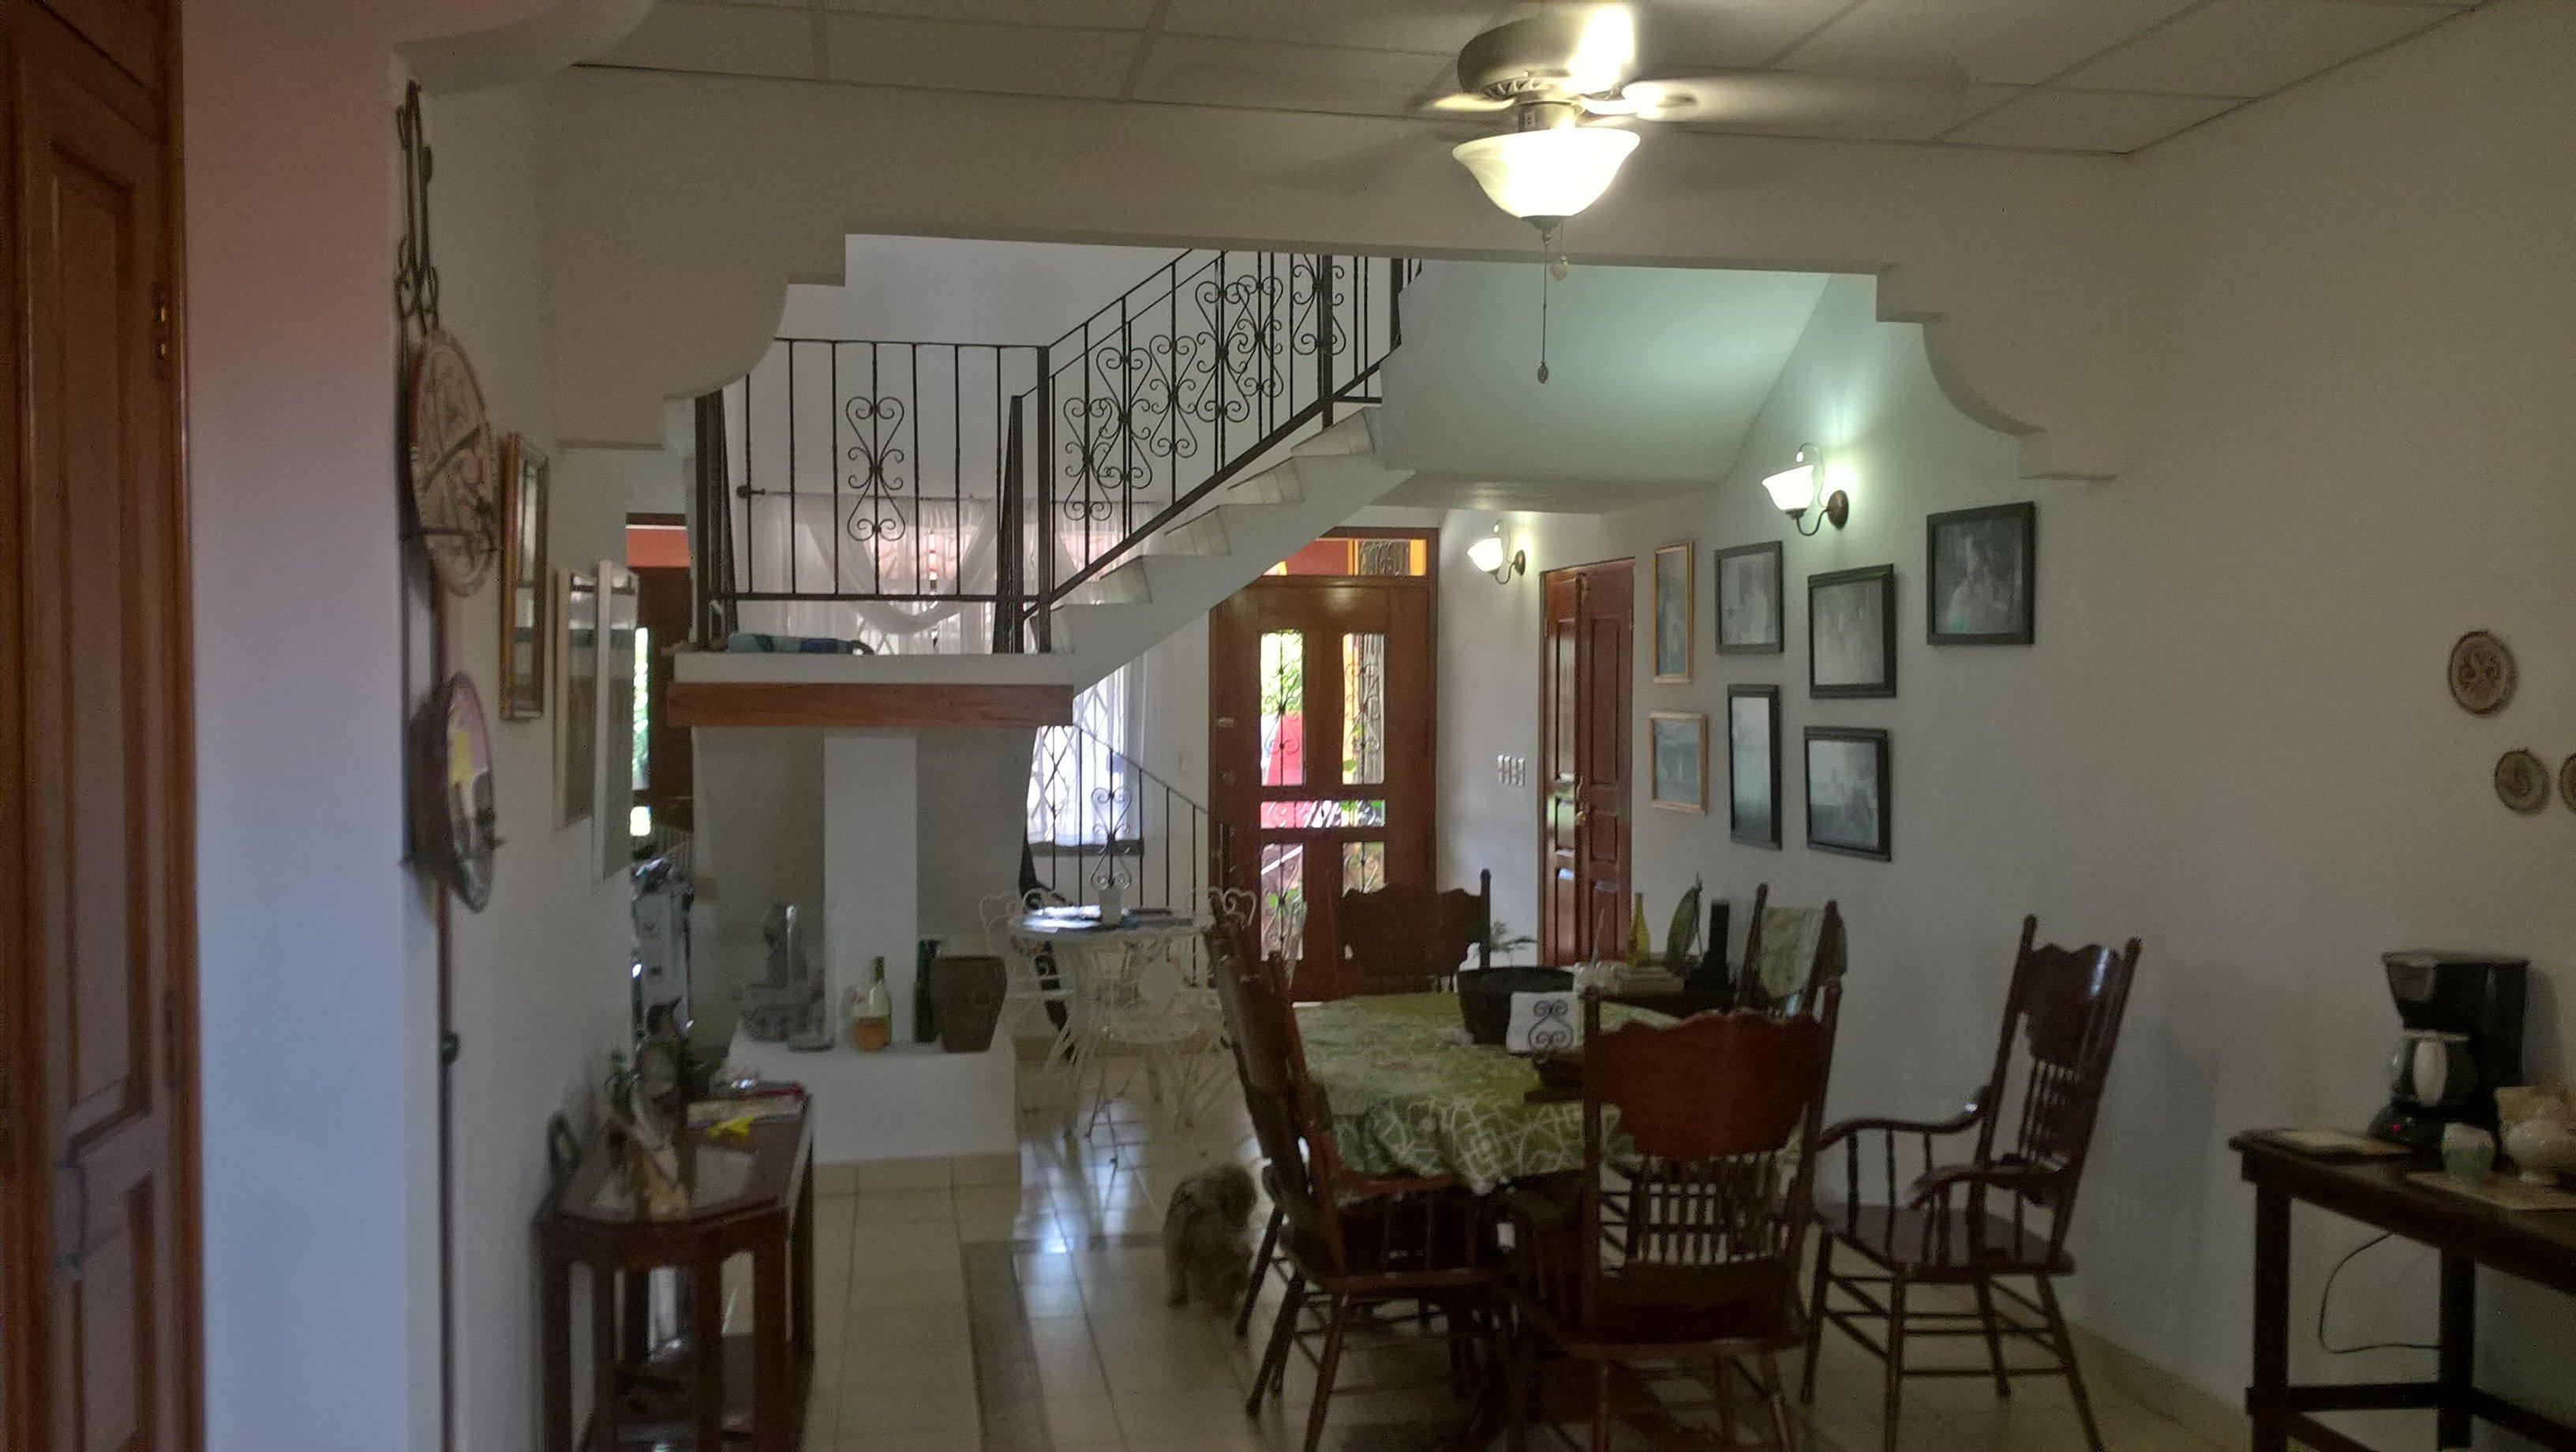 Hostel Kimmell/Hostal Familiar La Casita de los Kimmell